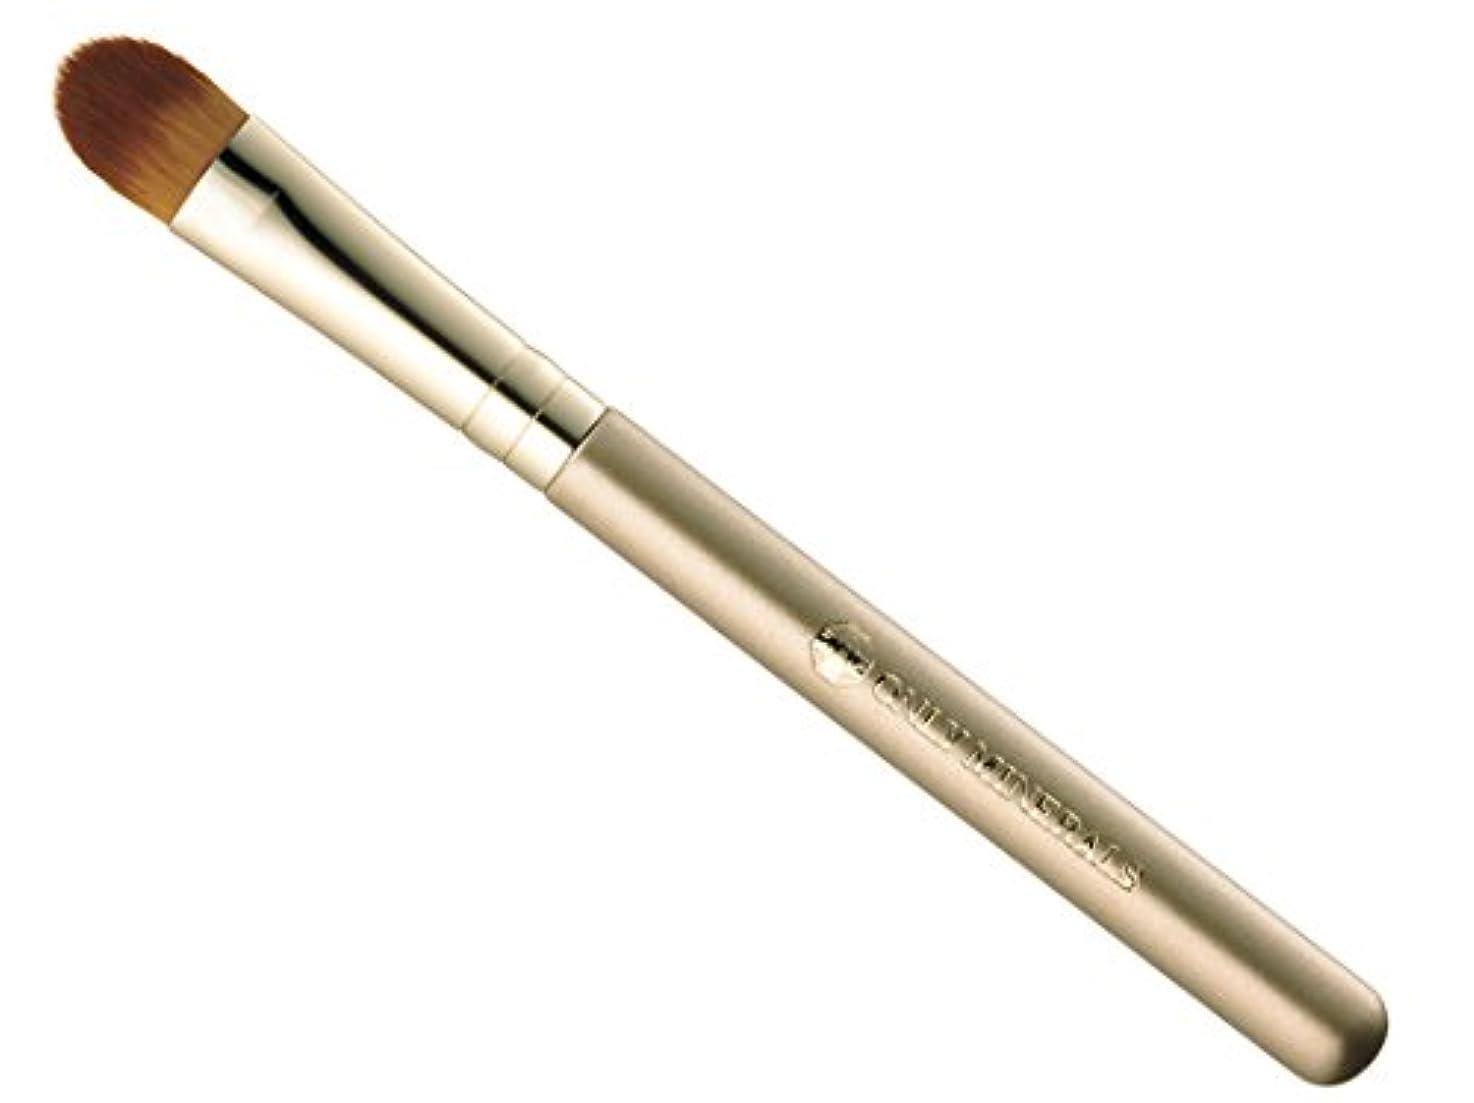 剪断言い換えると作るオンリーミネラル コンシーラー&ハイライトブラシ 12.5cm